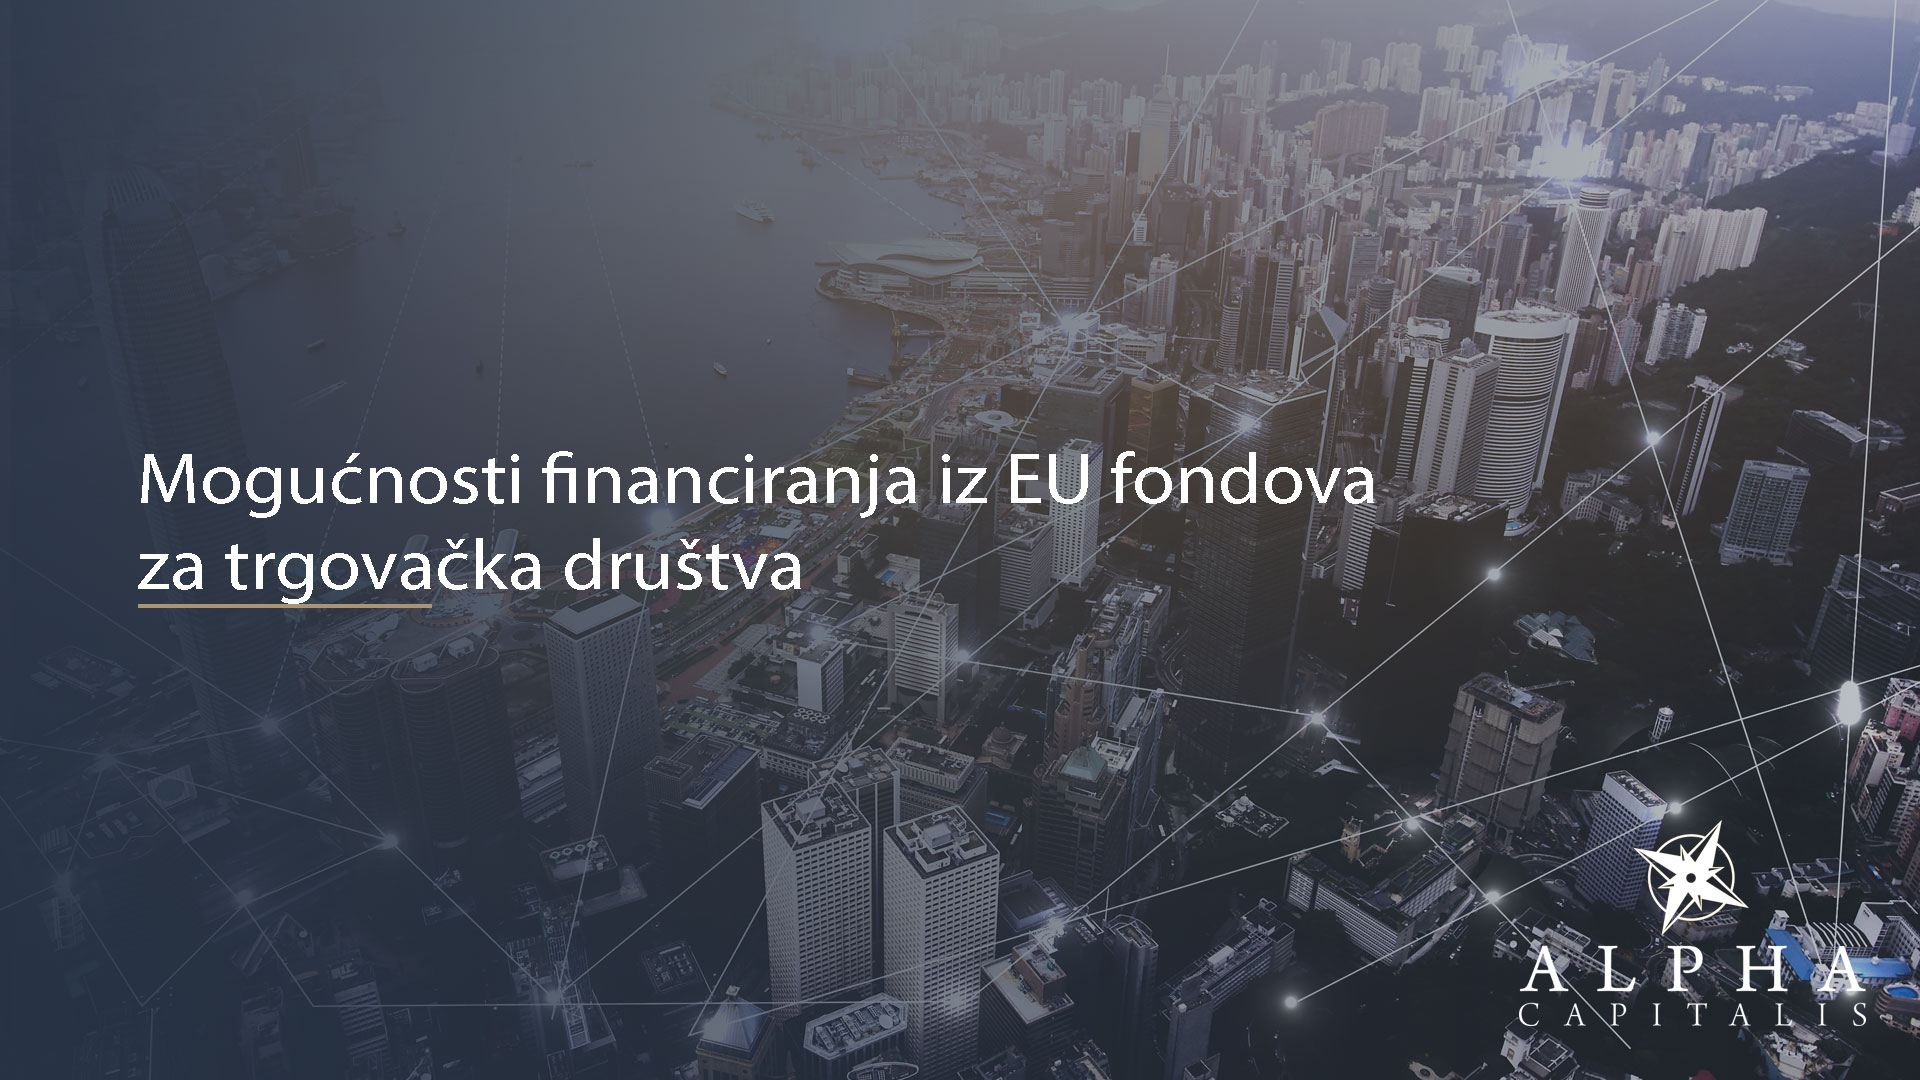 alpha-capitalis-Mogućnosti financiranja iz EU fondova za trgovačka društva